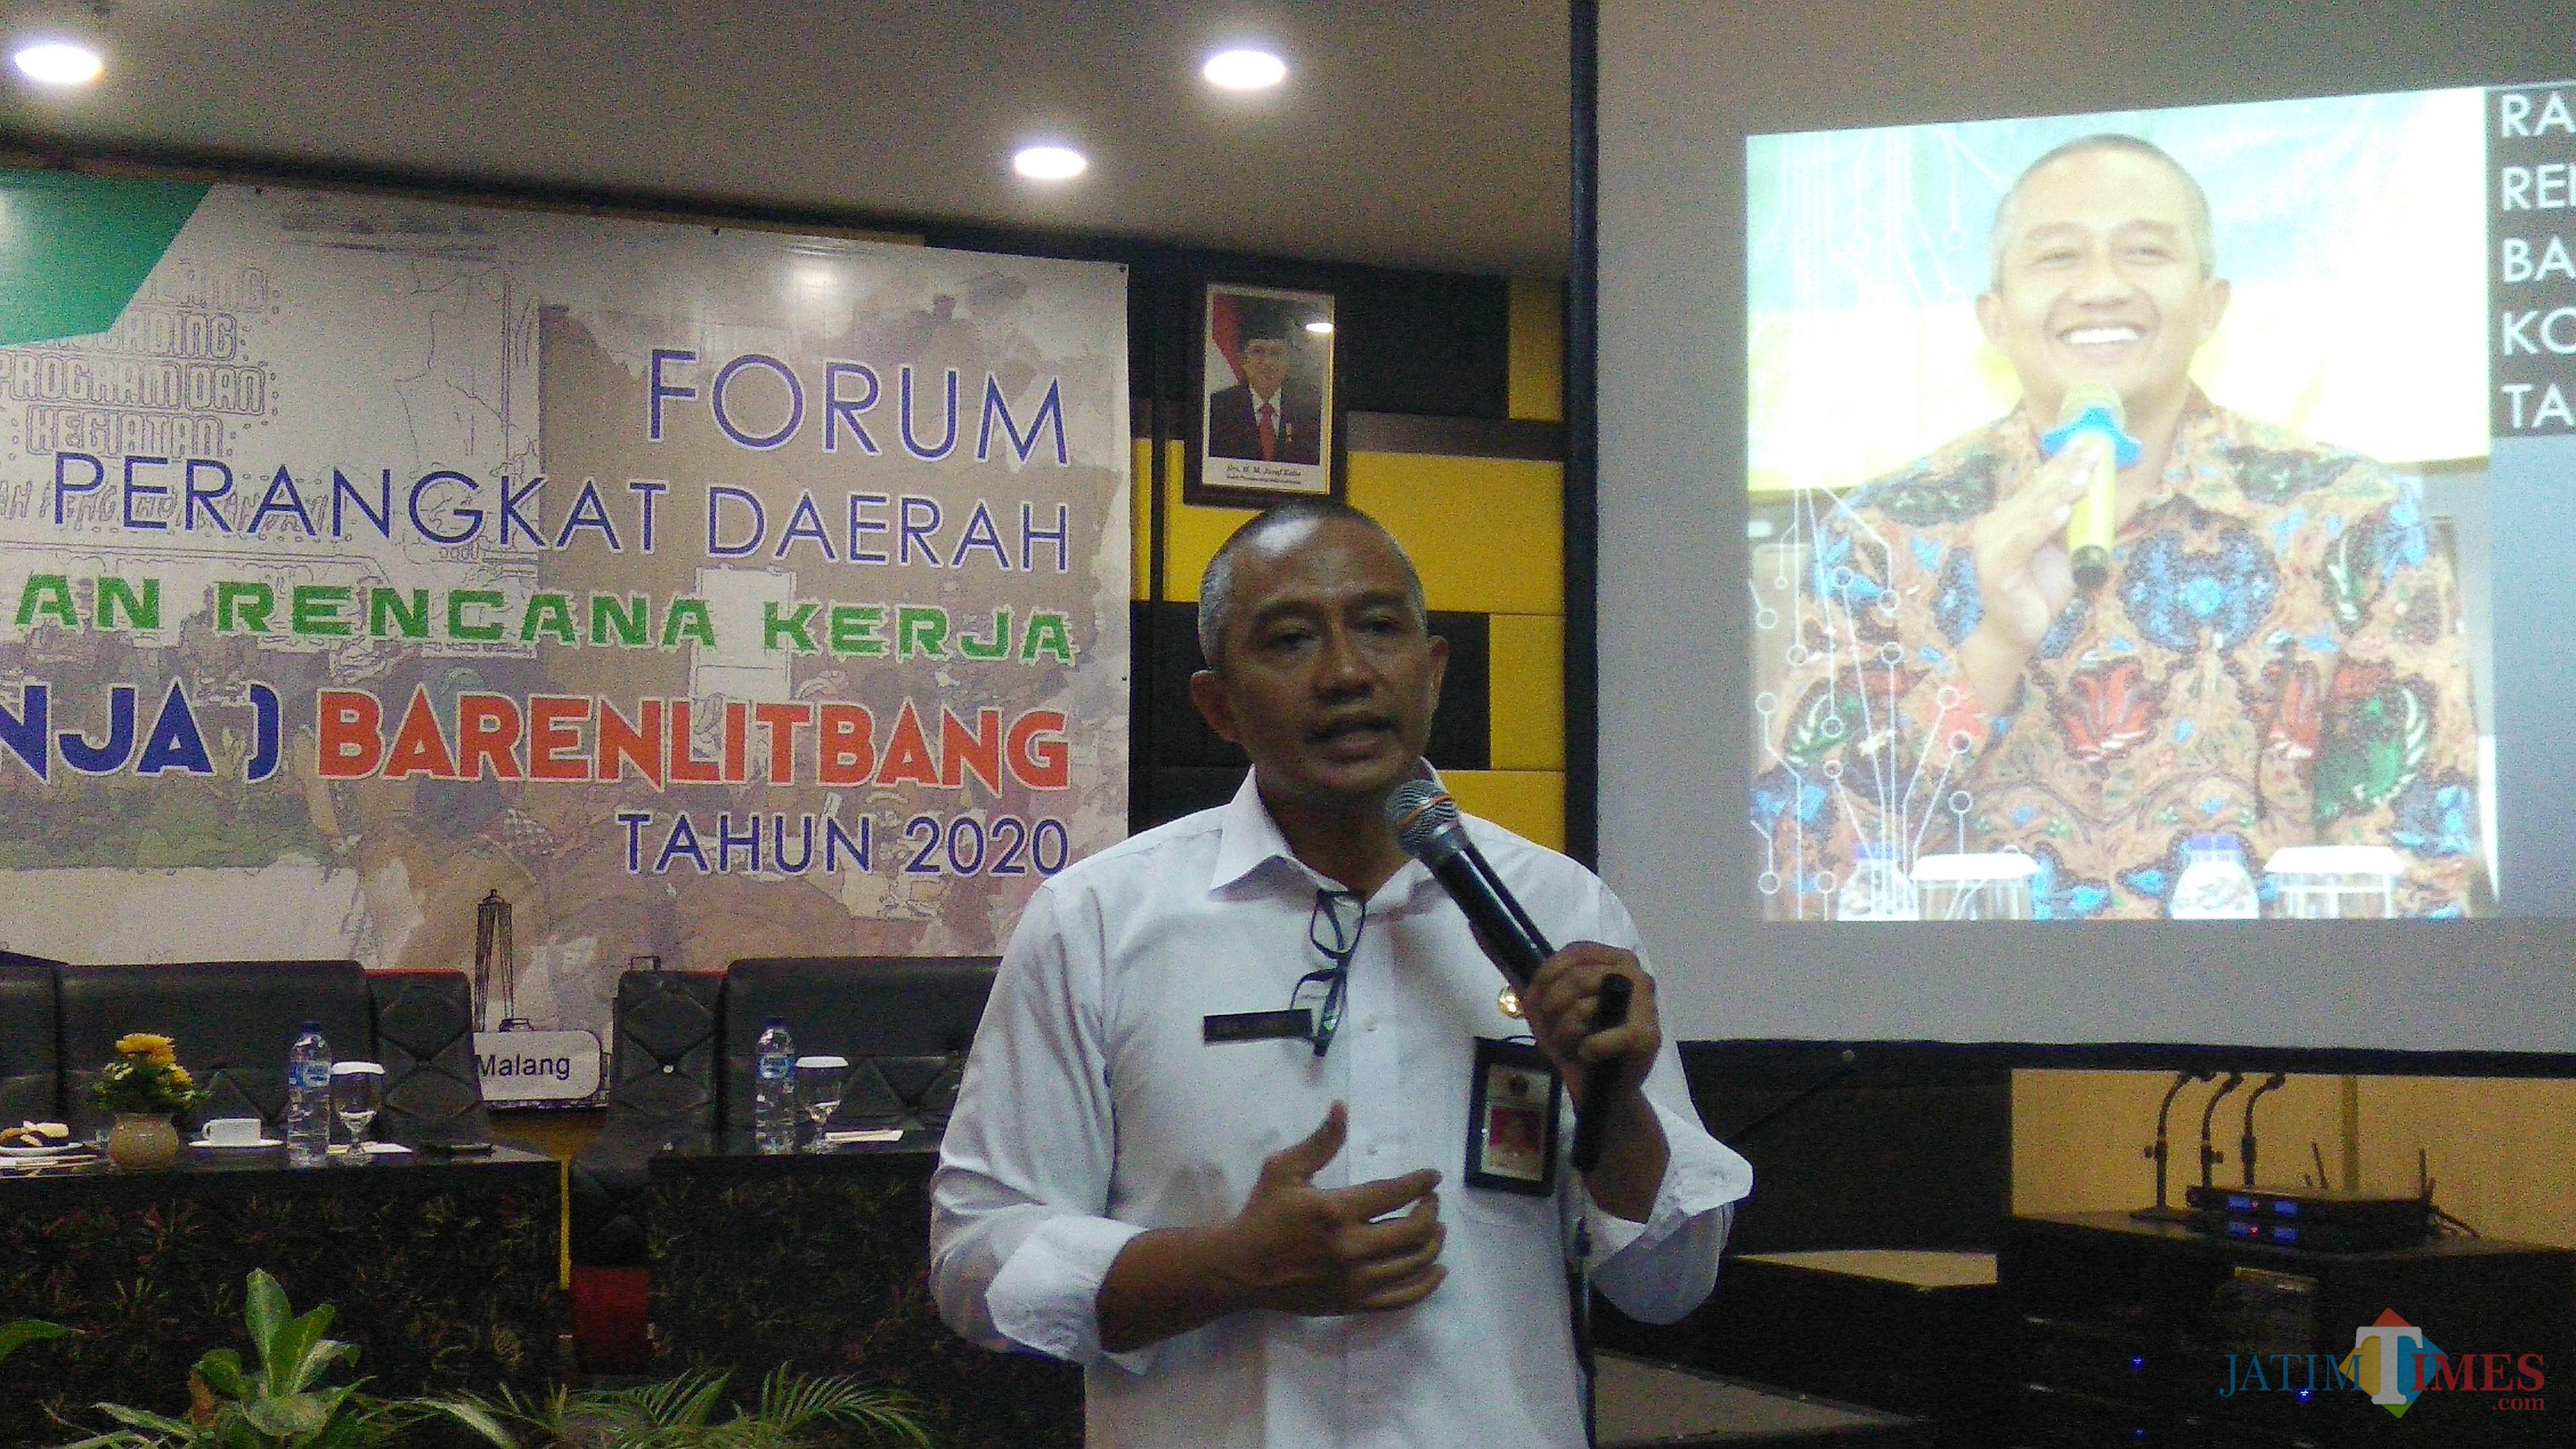 Kepala Barenlitbang Kota Malang Erik Setyo Santoso saat menyampaikan laporan pelaksanaan kegiatan Forum Perangkat Daerah. (Foto: Nurlayla Ratri/MalangTIMES)